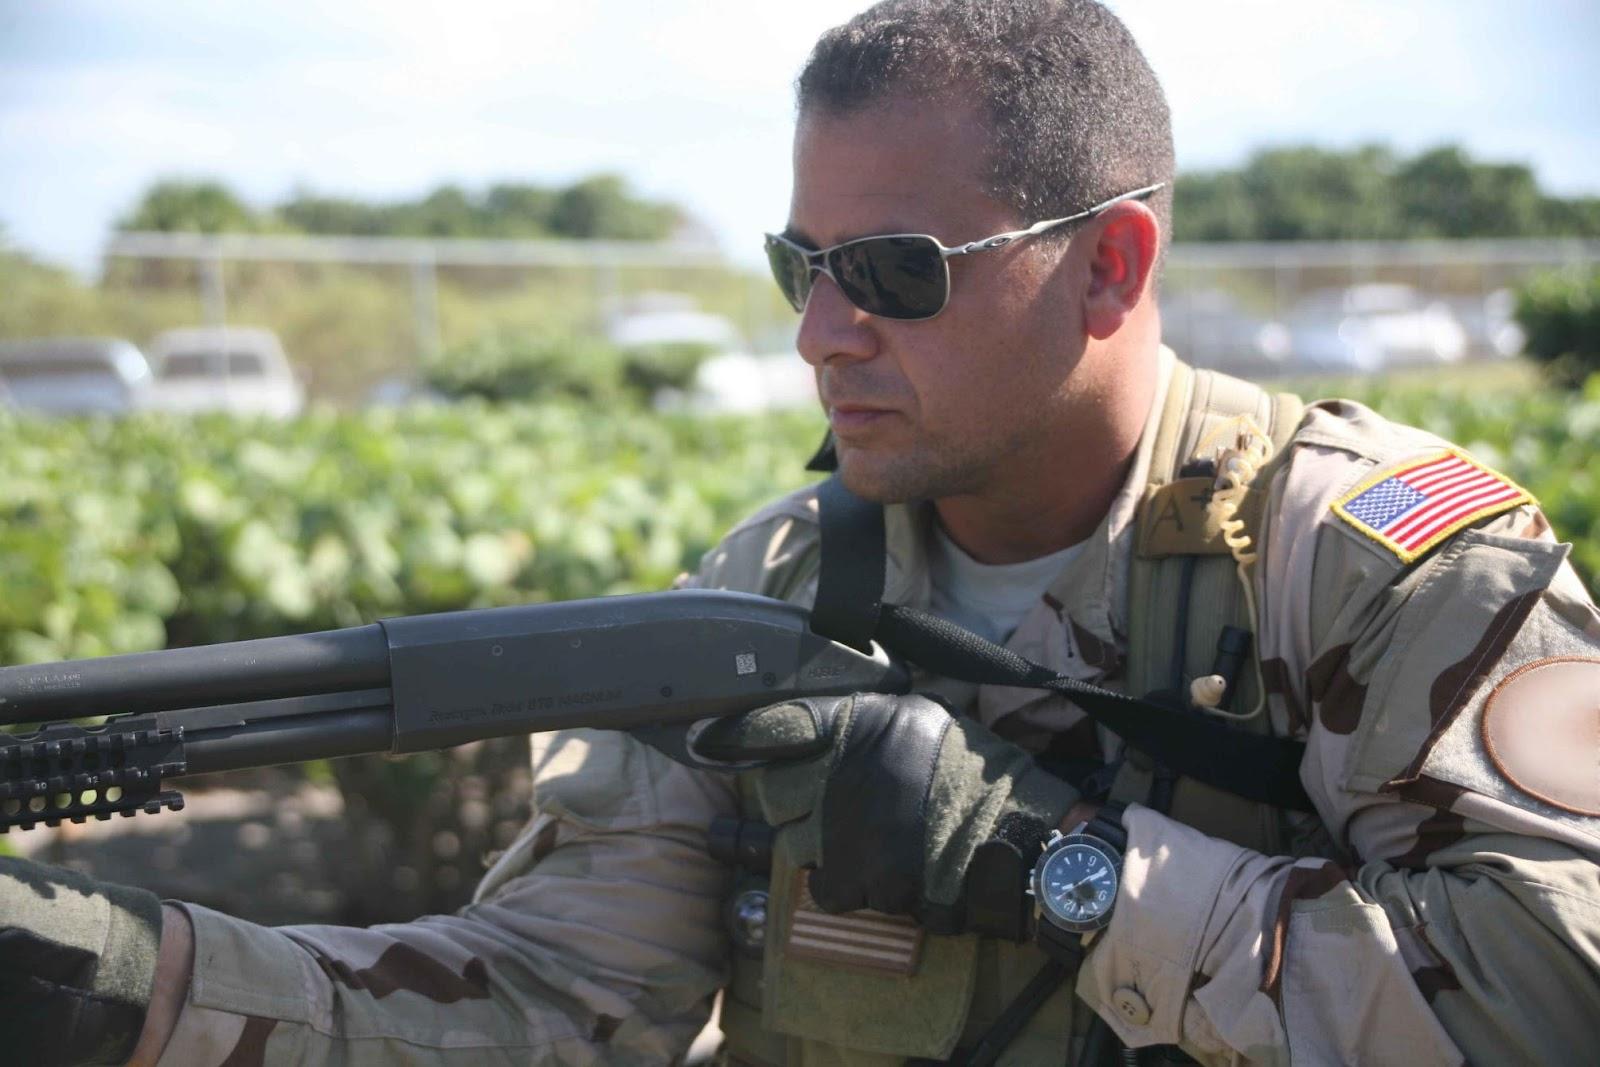 http://1.bp.blogspot.com/-Zugbjtu8tds/T0yelBdV6xI/AAAAAAAABvw/DSuAH44DTII/s1600/Jaeger-LeCoultre+Navy+SEALs.jpg